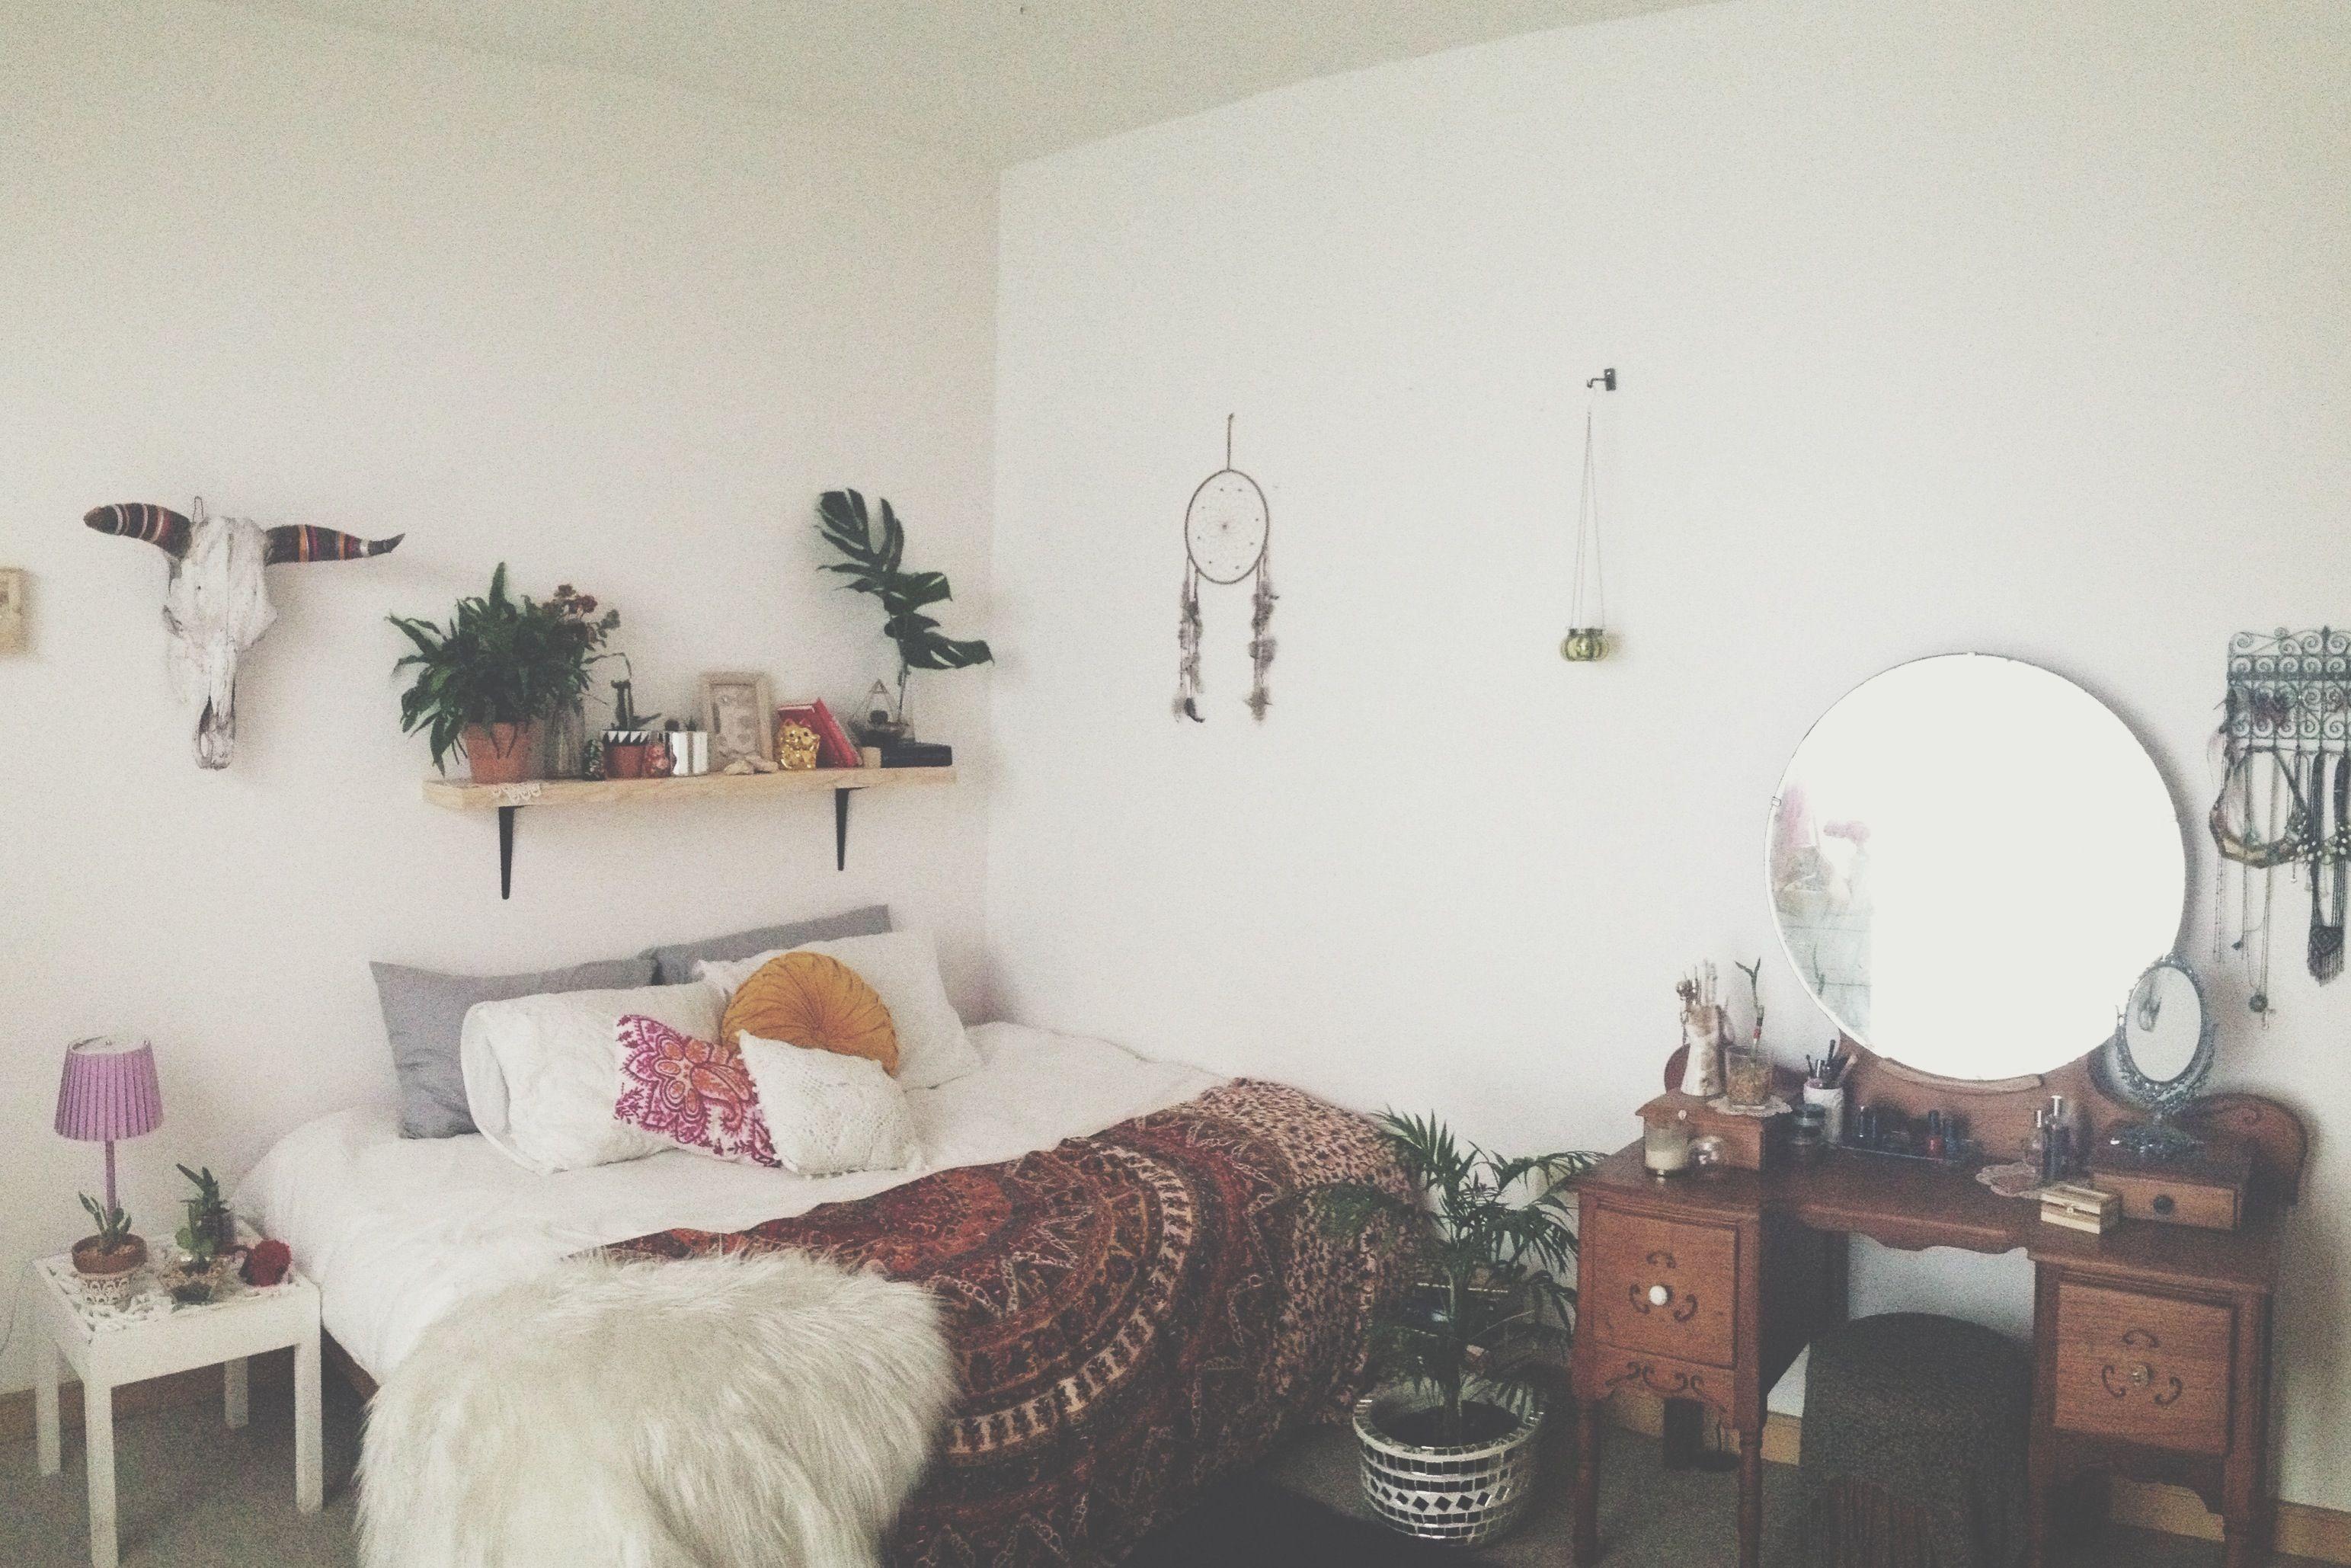 Pin van bee espinola op for the home slaapkamer